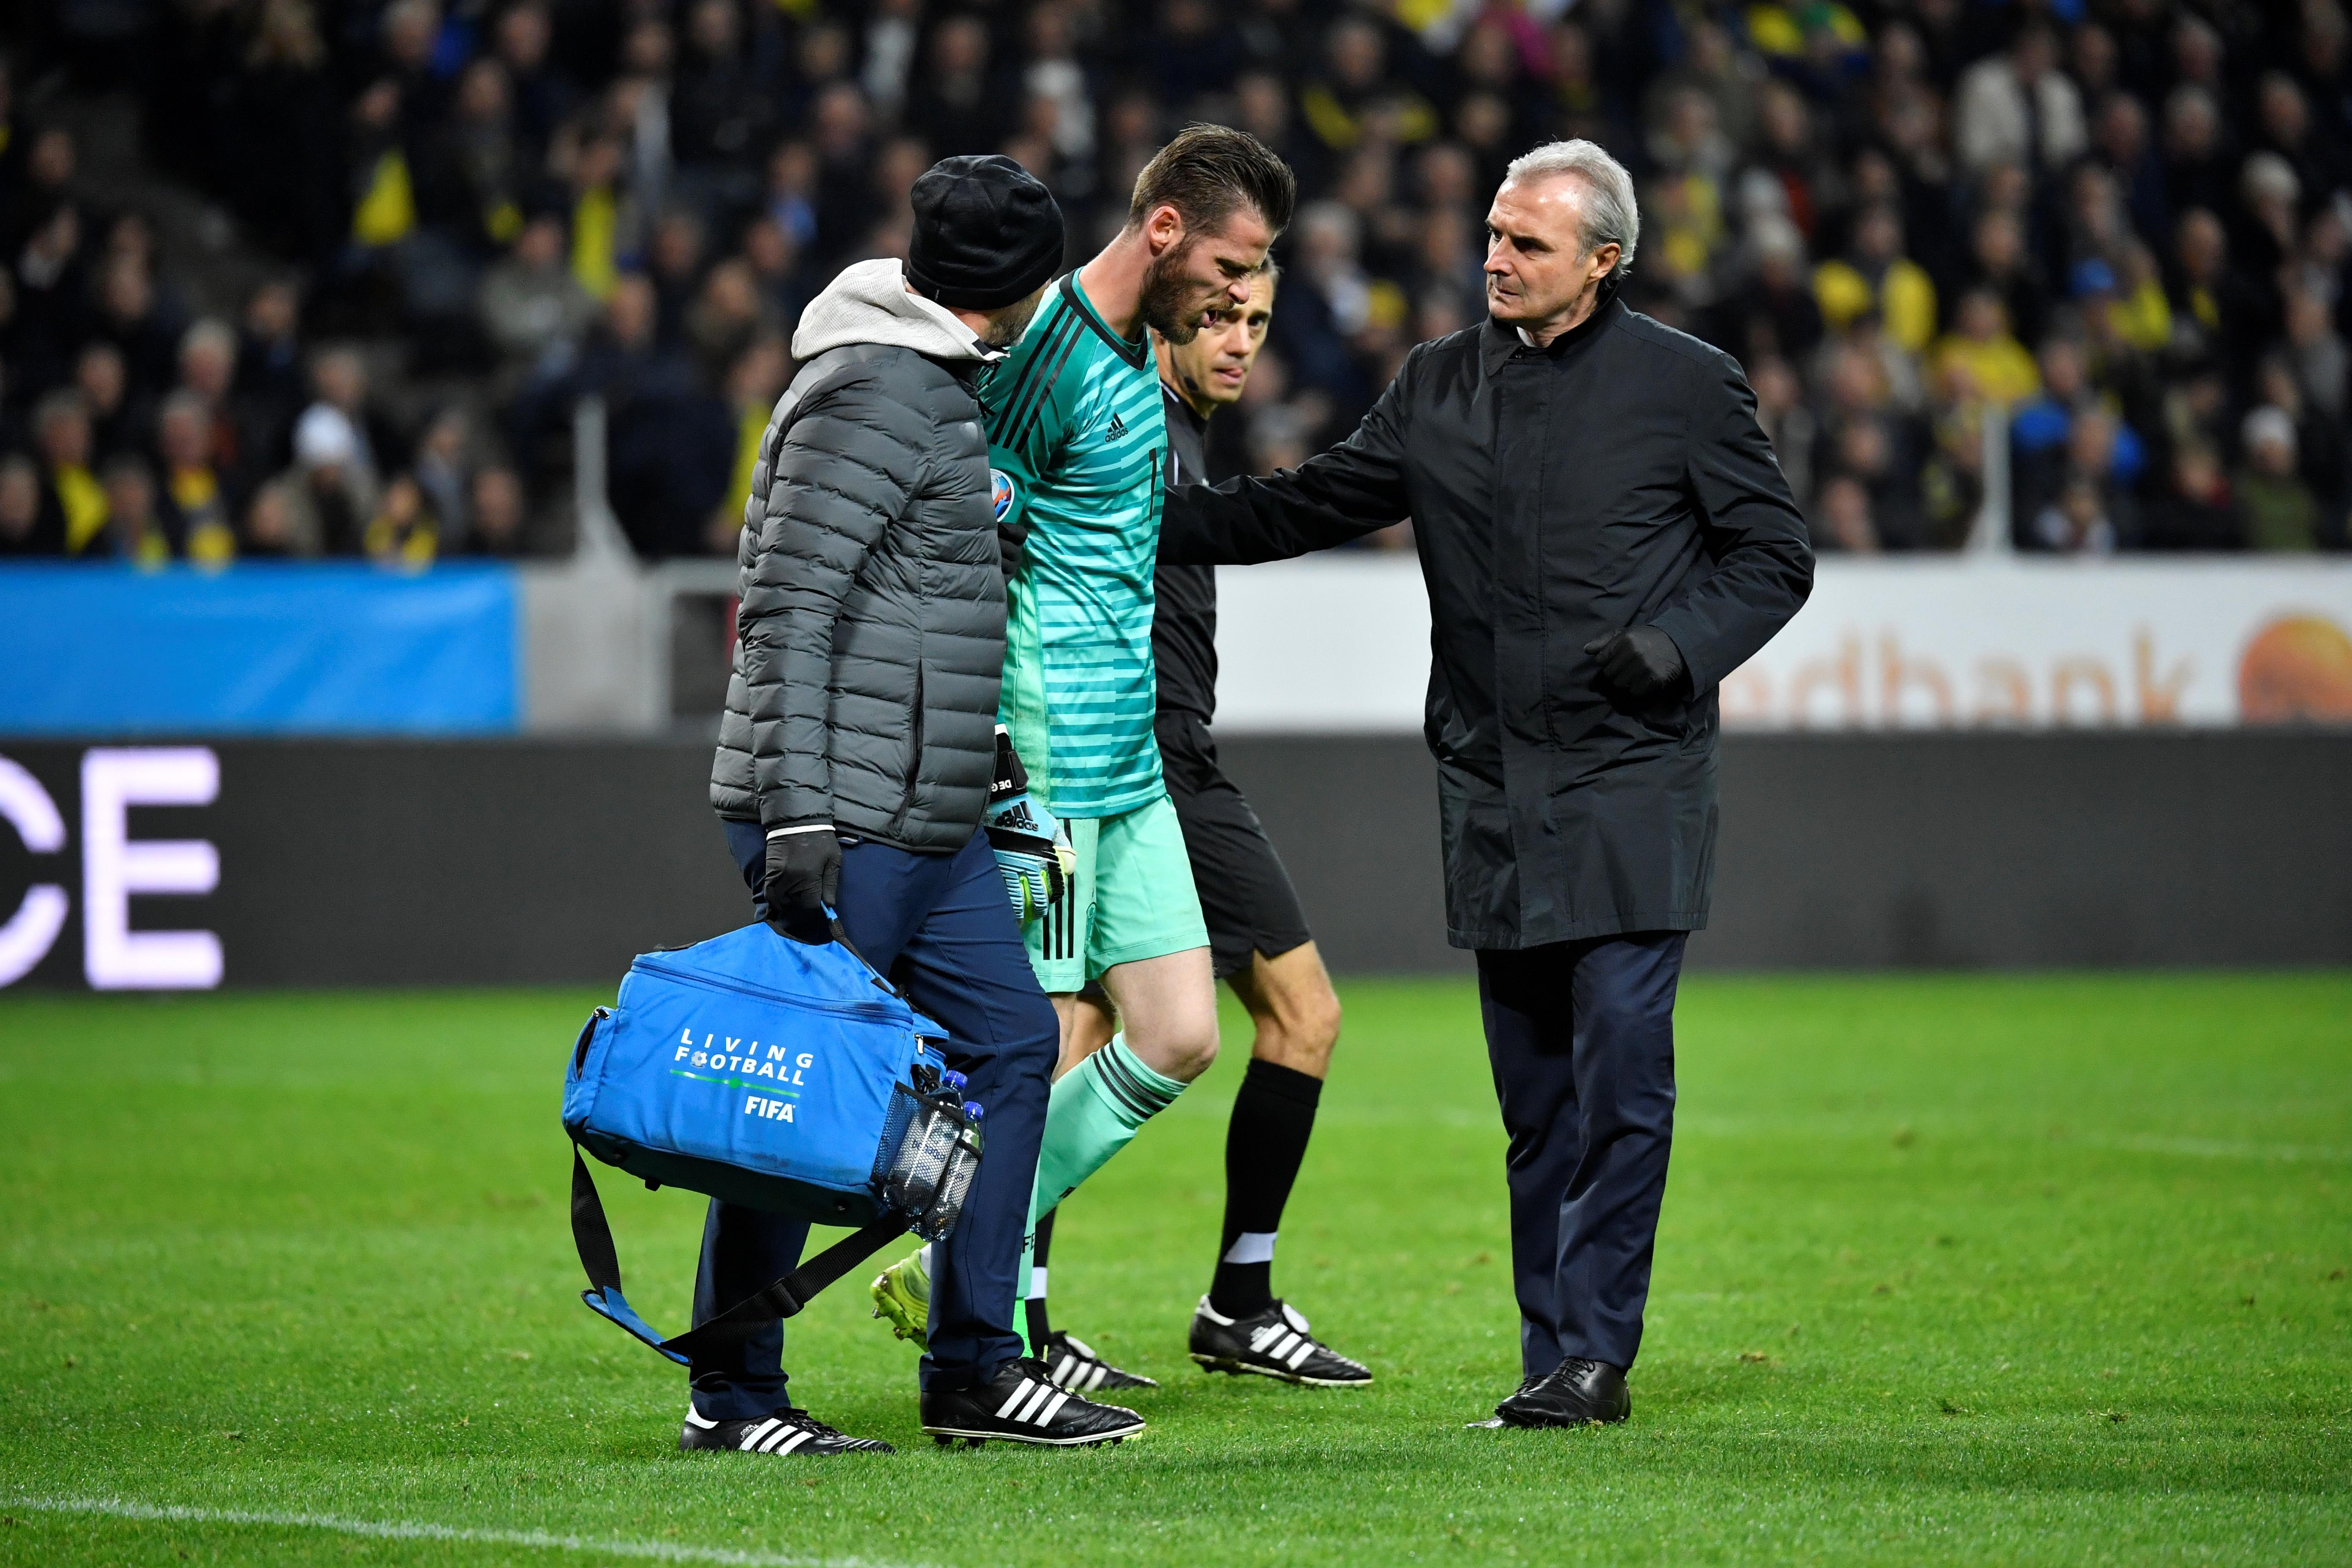 De Gea goes off injured in Spain qualifier with Sweden